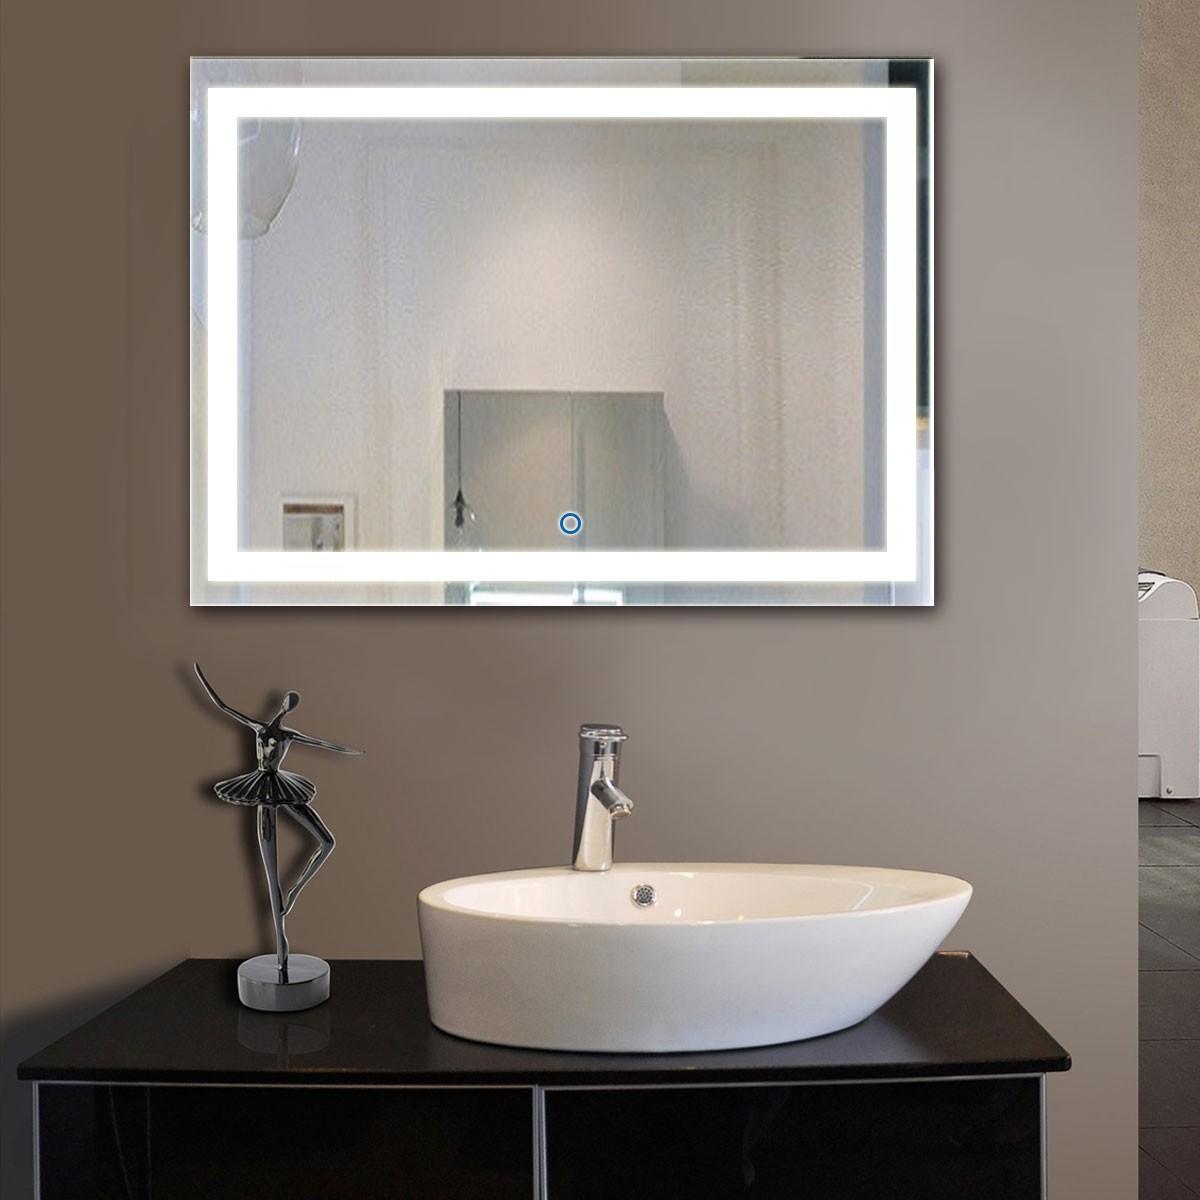 Salle De Bain Vieux Rose ~ 48 X 36 Po Miroir Led Salle De Bain Horizontal Avec L Interrupteur